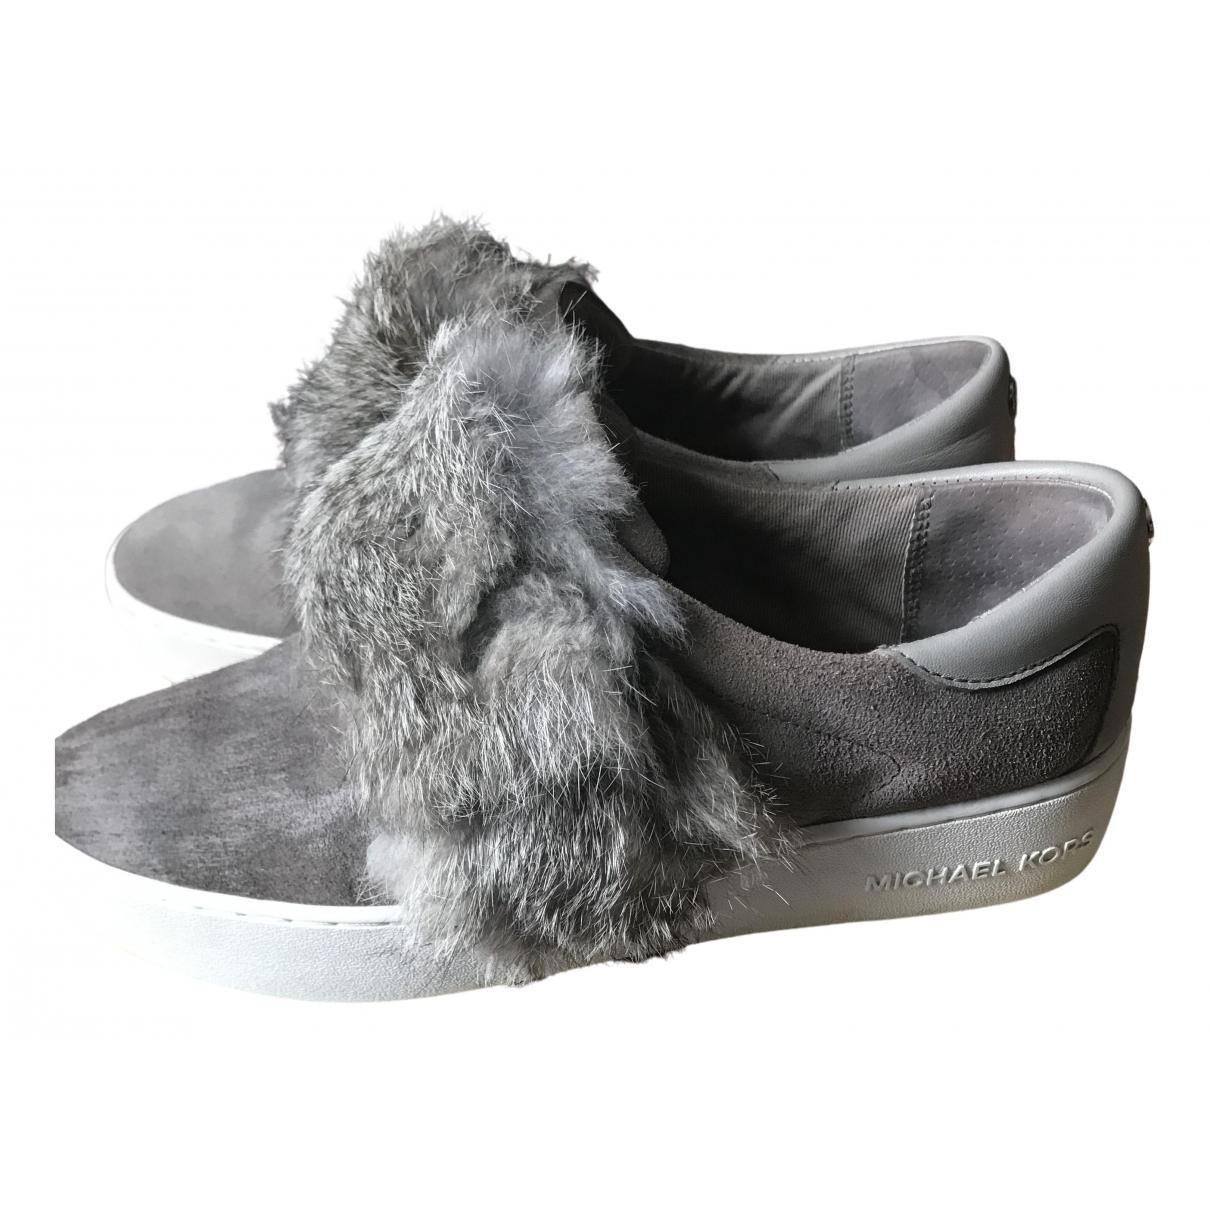 Michael Kors \N Sneakers in  Grau Veloursleder